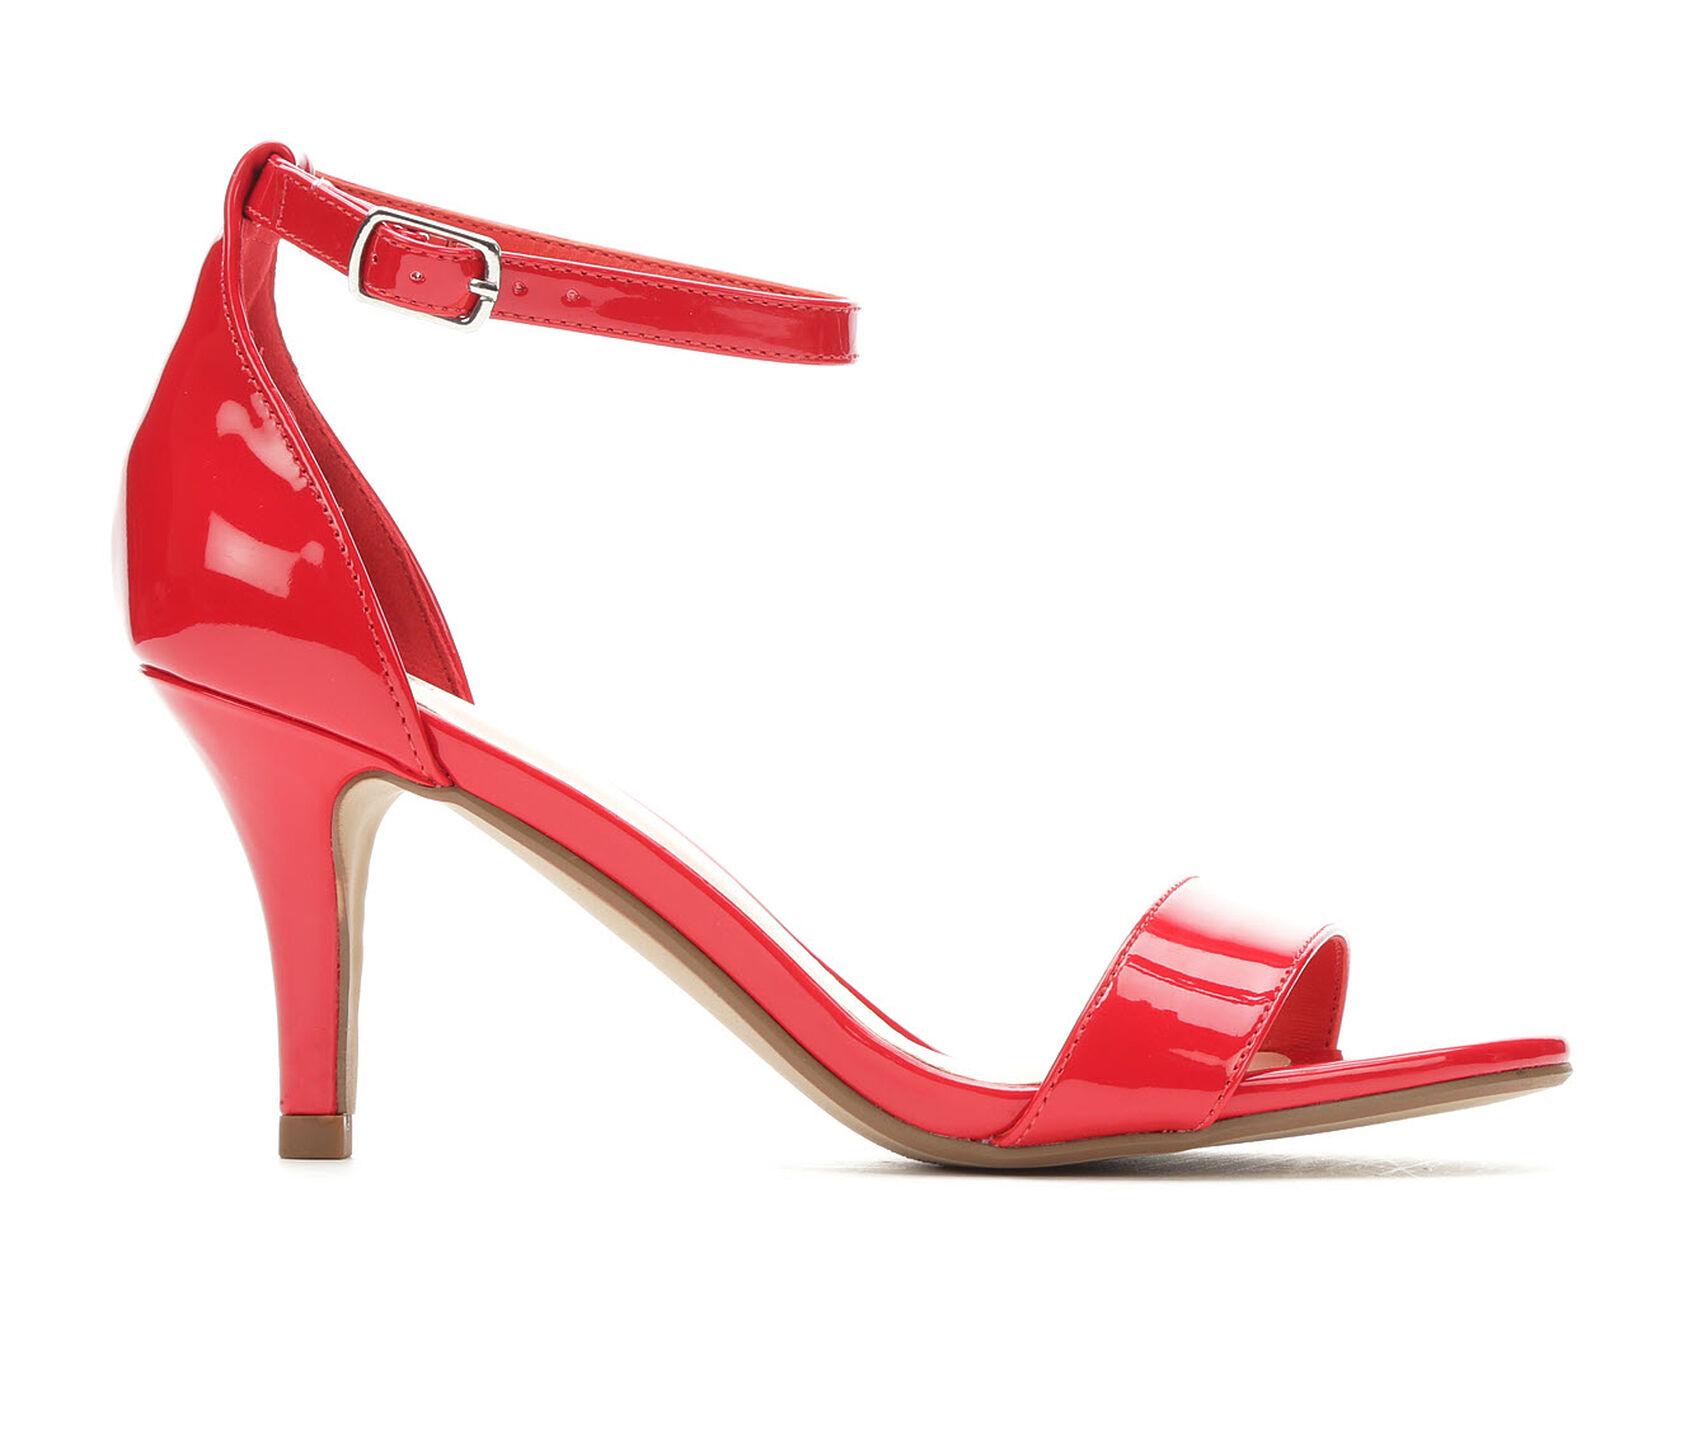 cc65f14c179 Women's Solanz Hayleigh Heeled Sandals